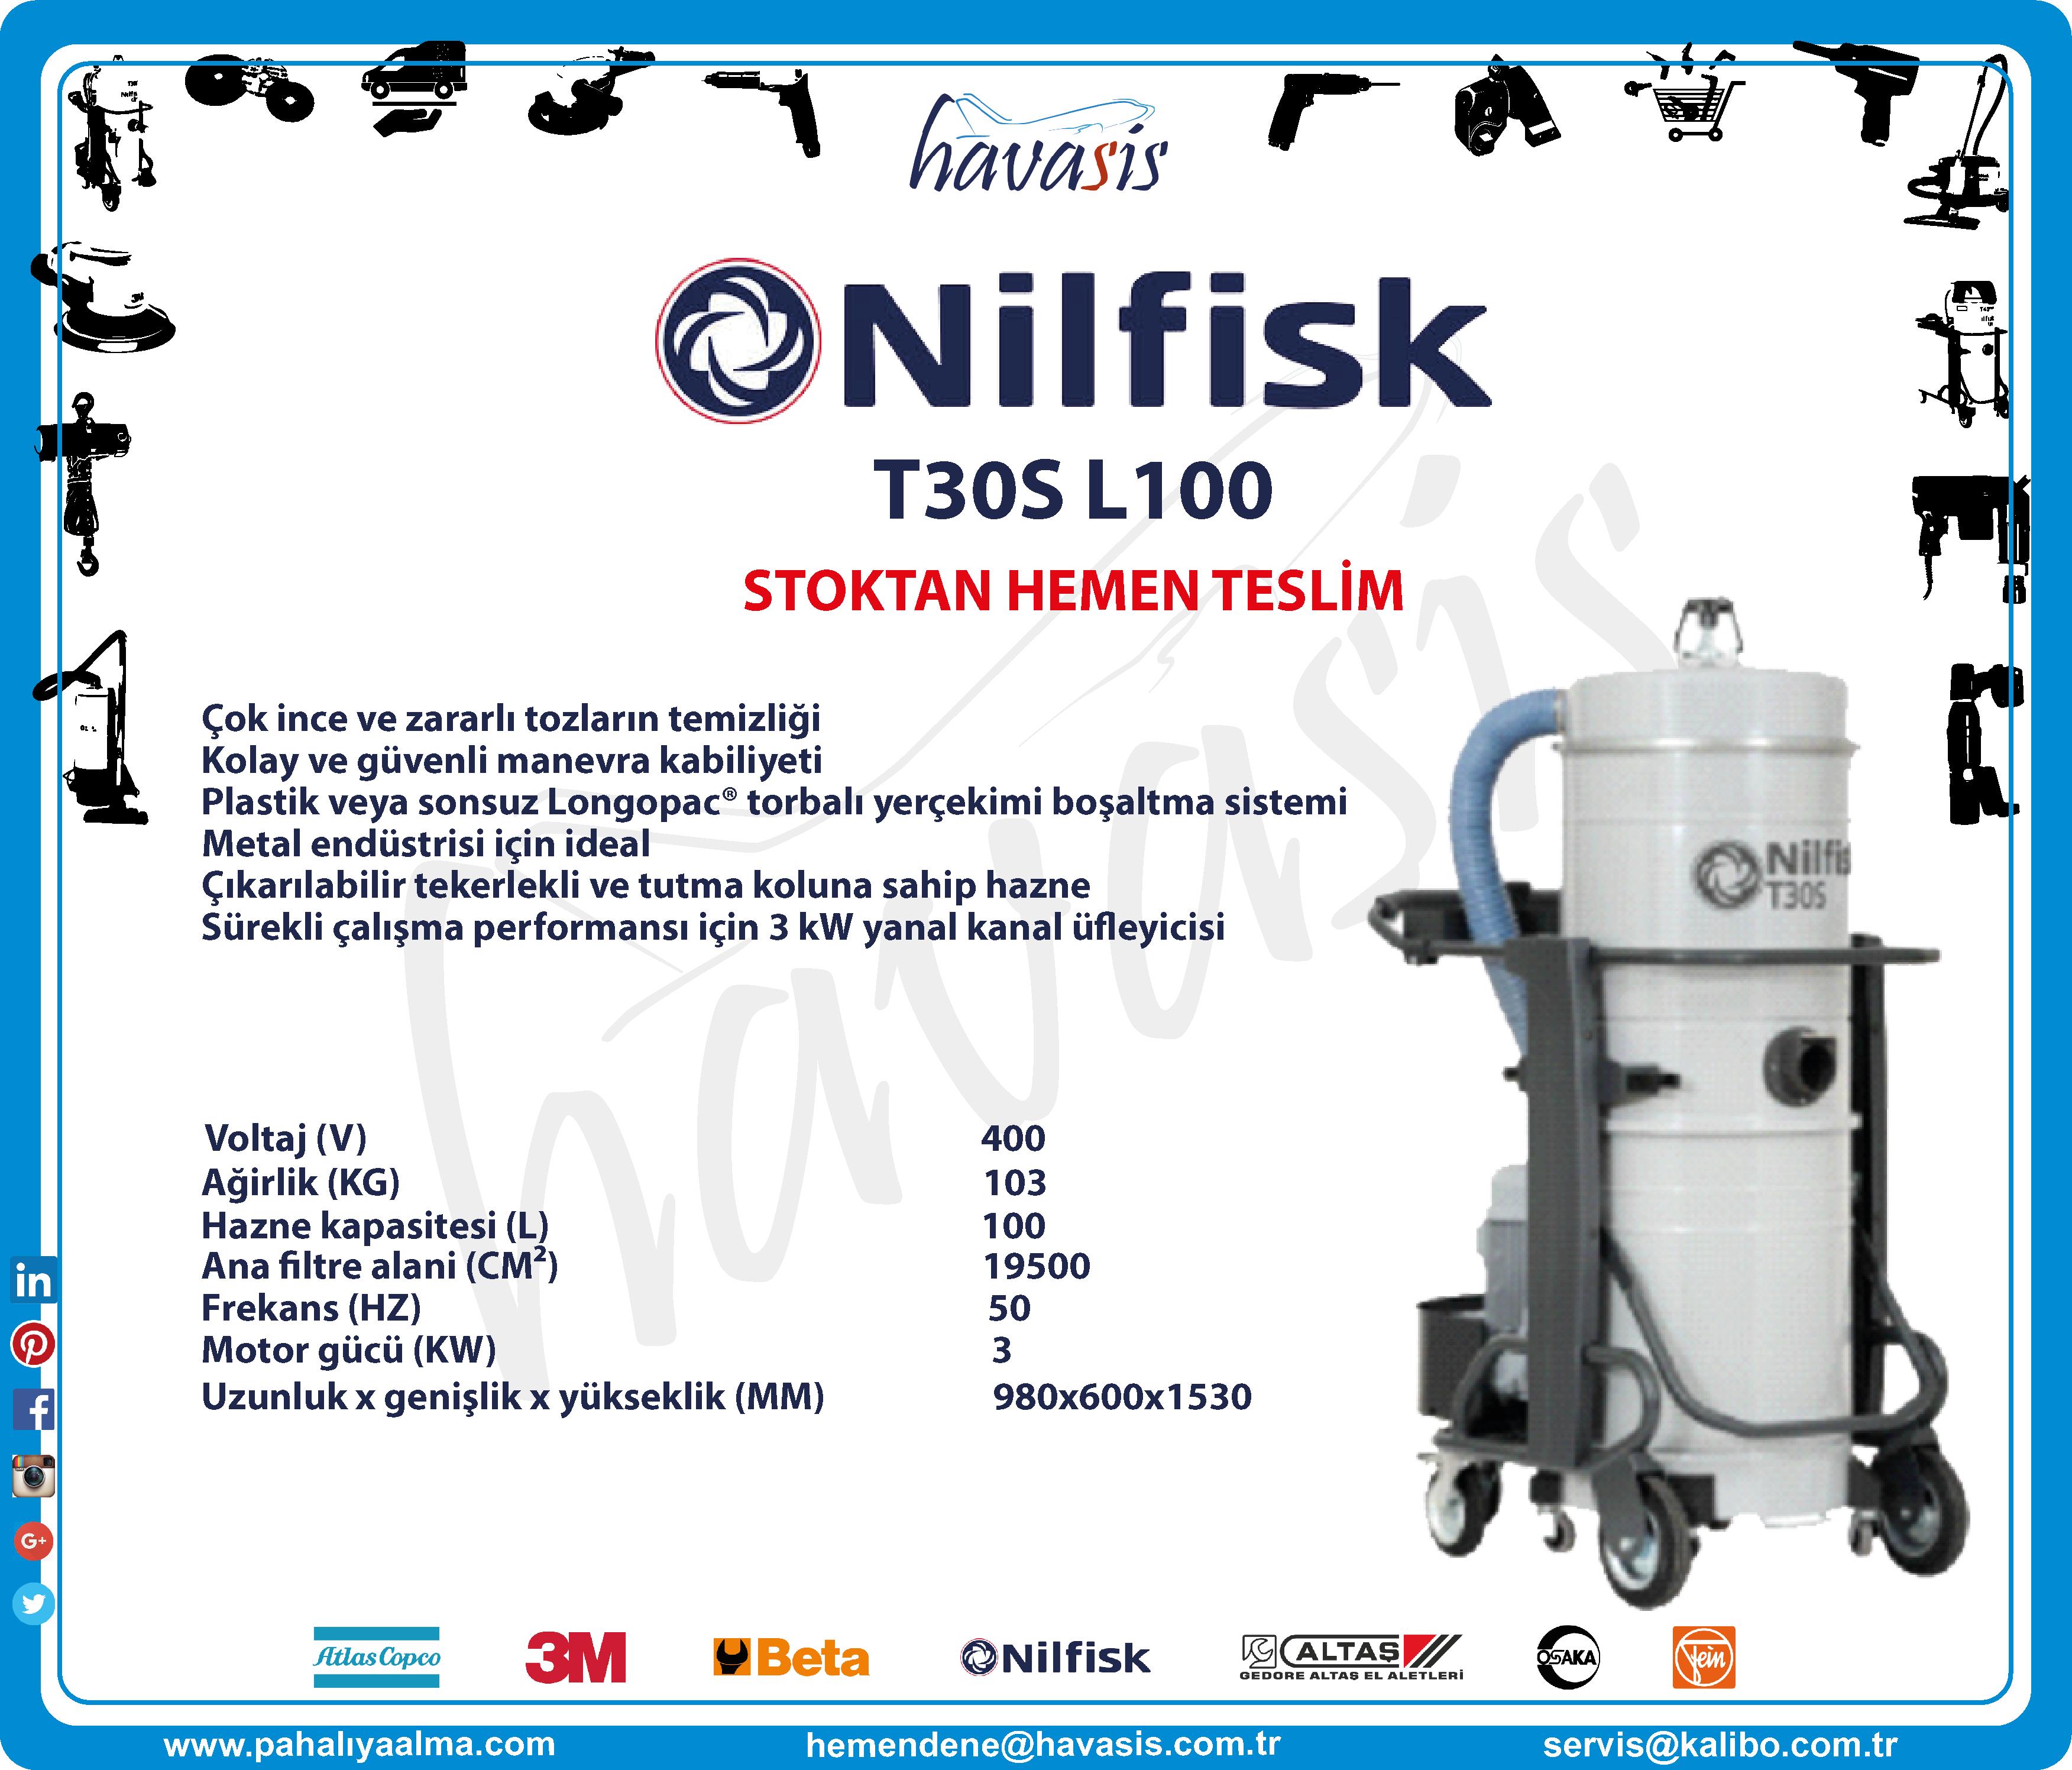 STOKTAN HEMEN TESLİM  #havasis Nilfisk #T30SL100 #kurutipvakummakinesi